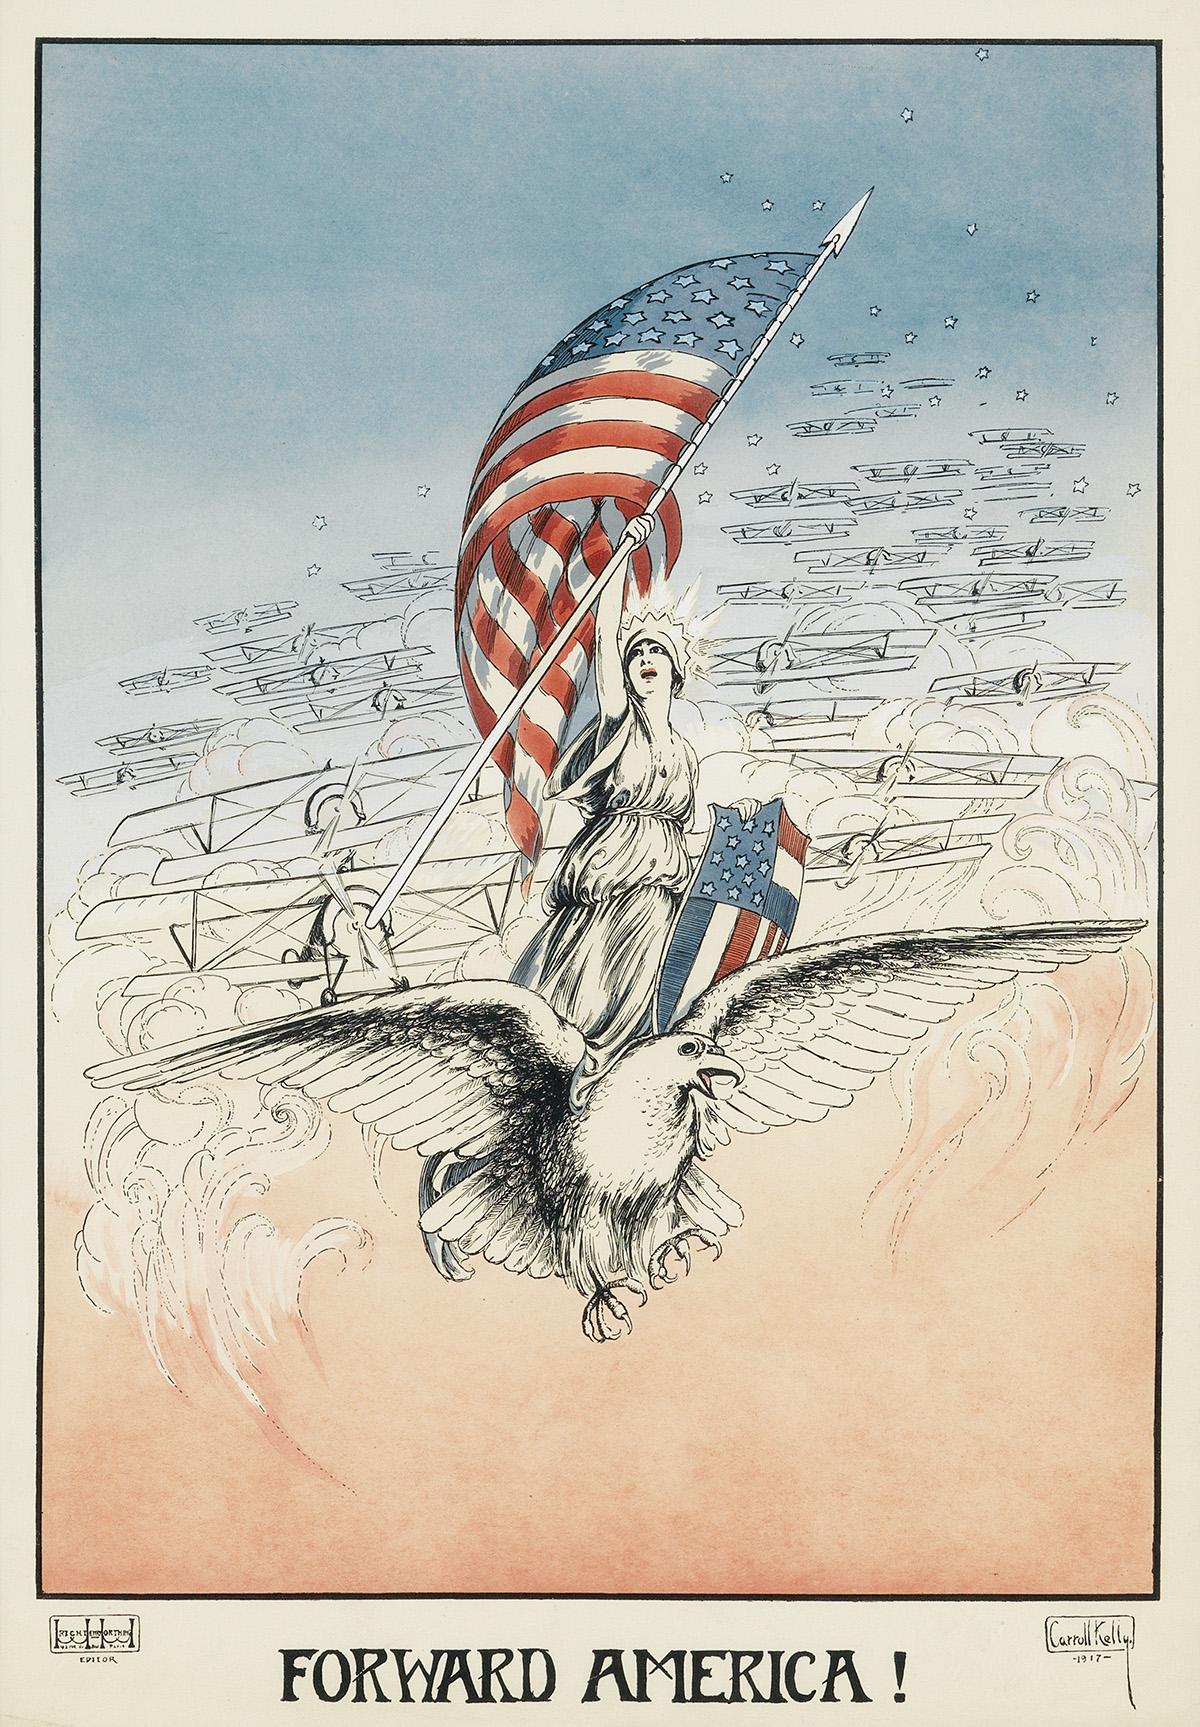 CARROLL-KELLY-(DATES-UNKNOWN)-FORWARD-AMERICA-1917-21x14-inc